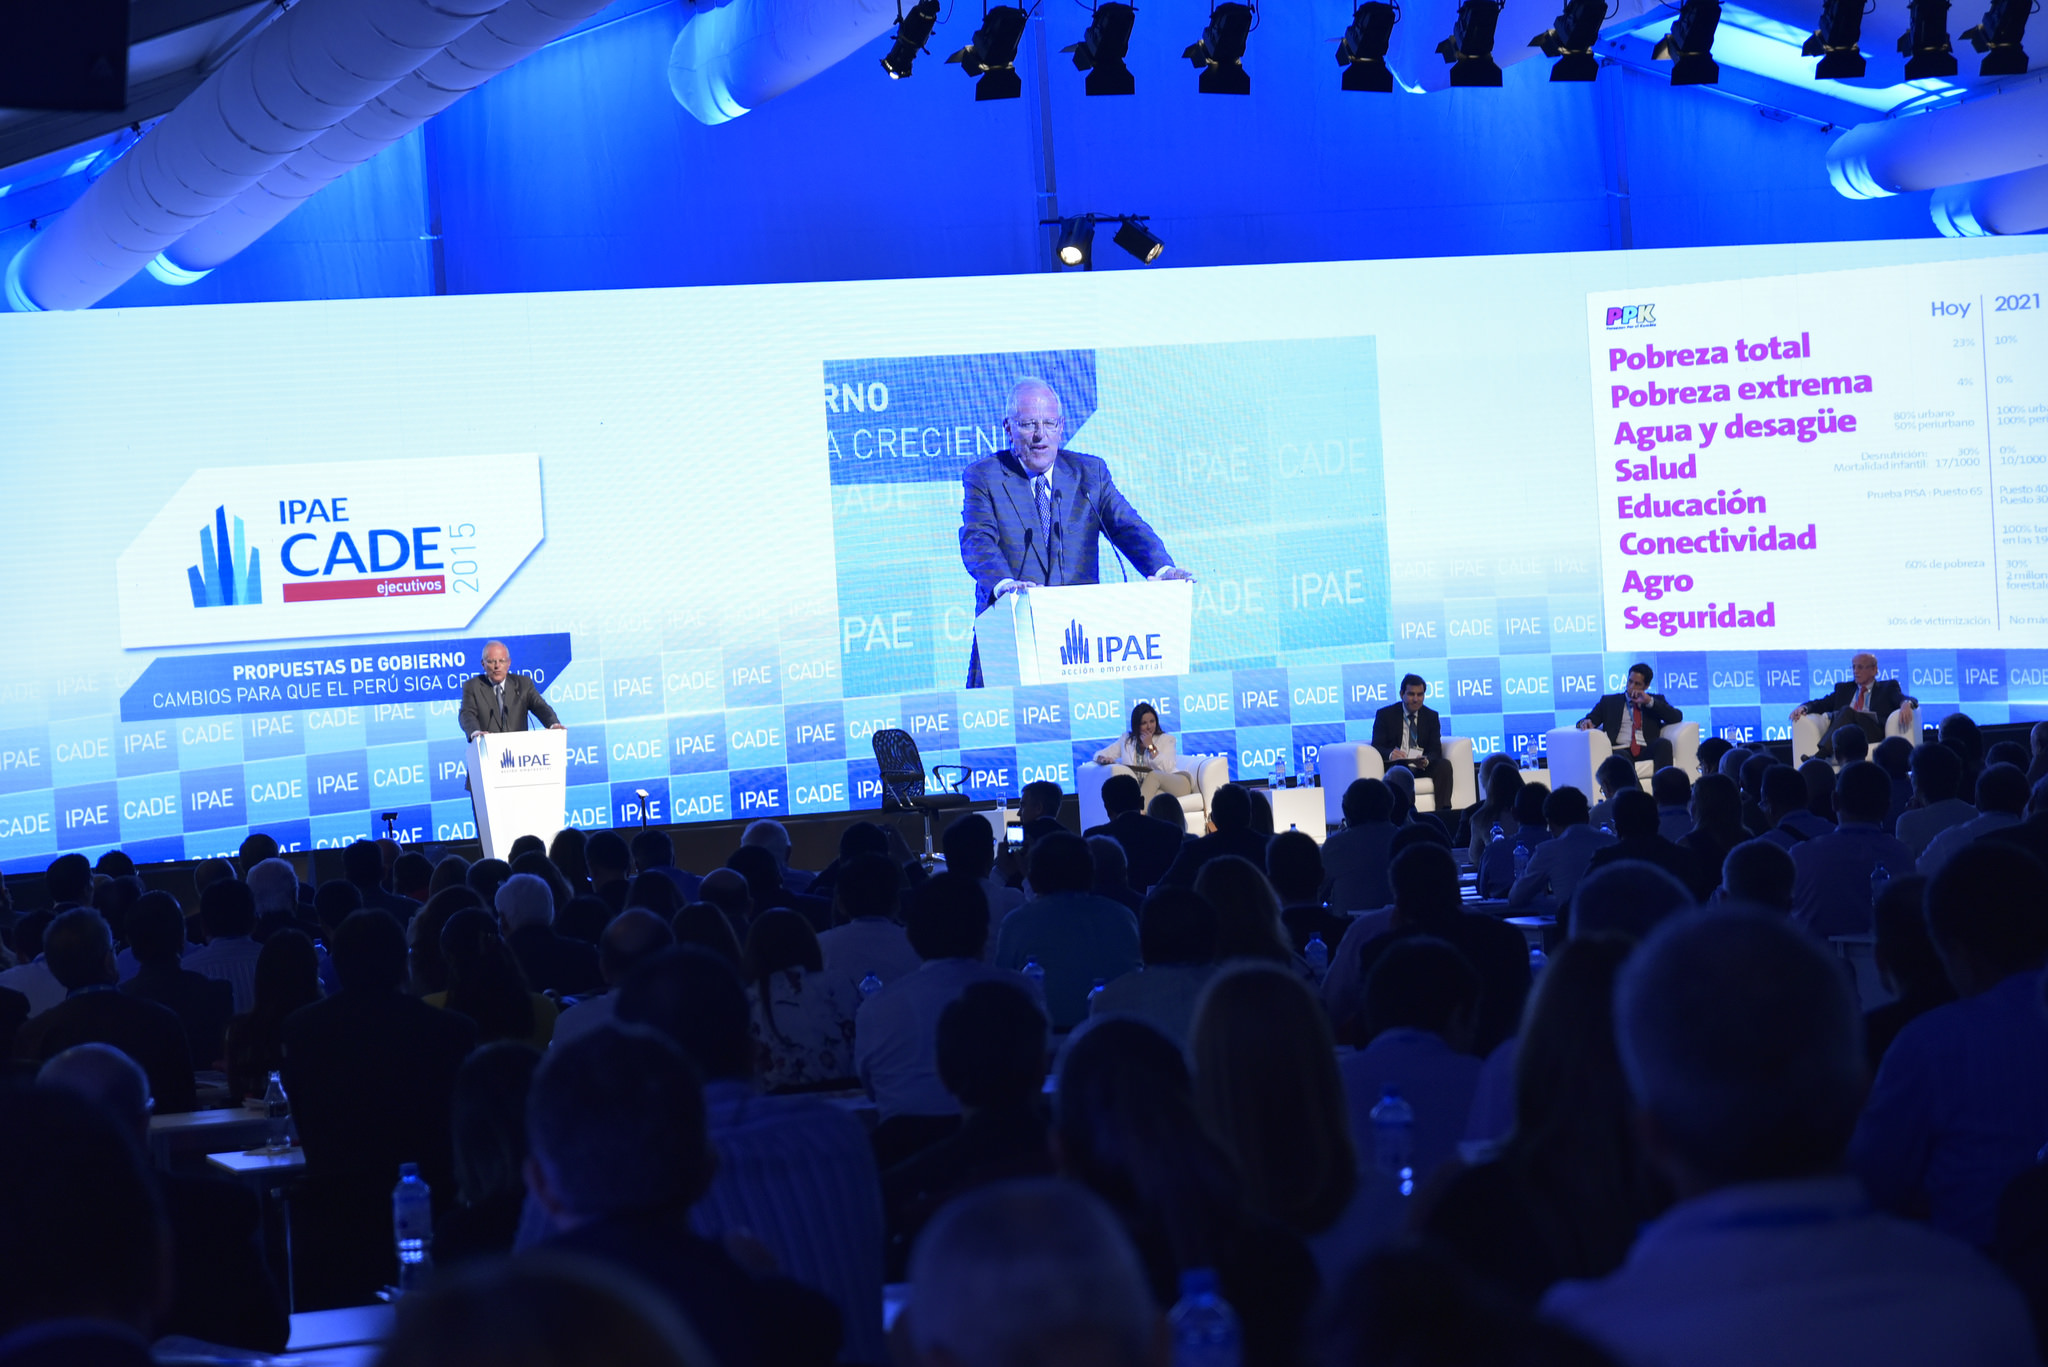 Mensaje del Gobierno en el CADE 2016 se centrará en reactivación económica, aseguró vicepresidente Vizcarra